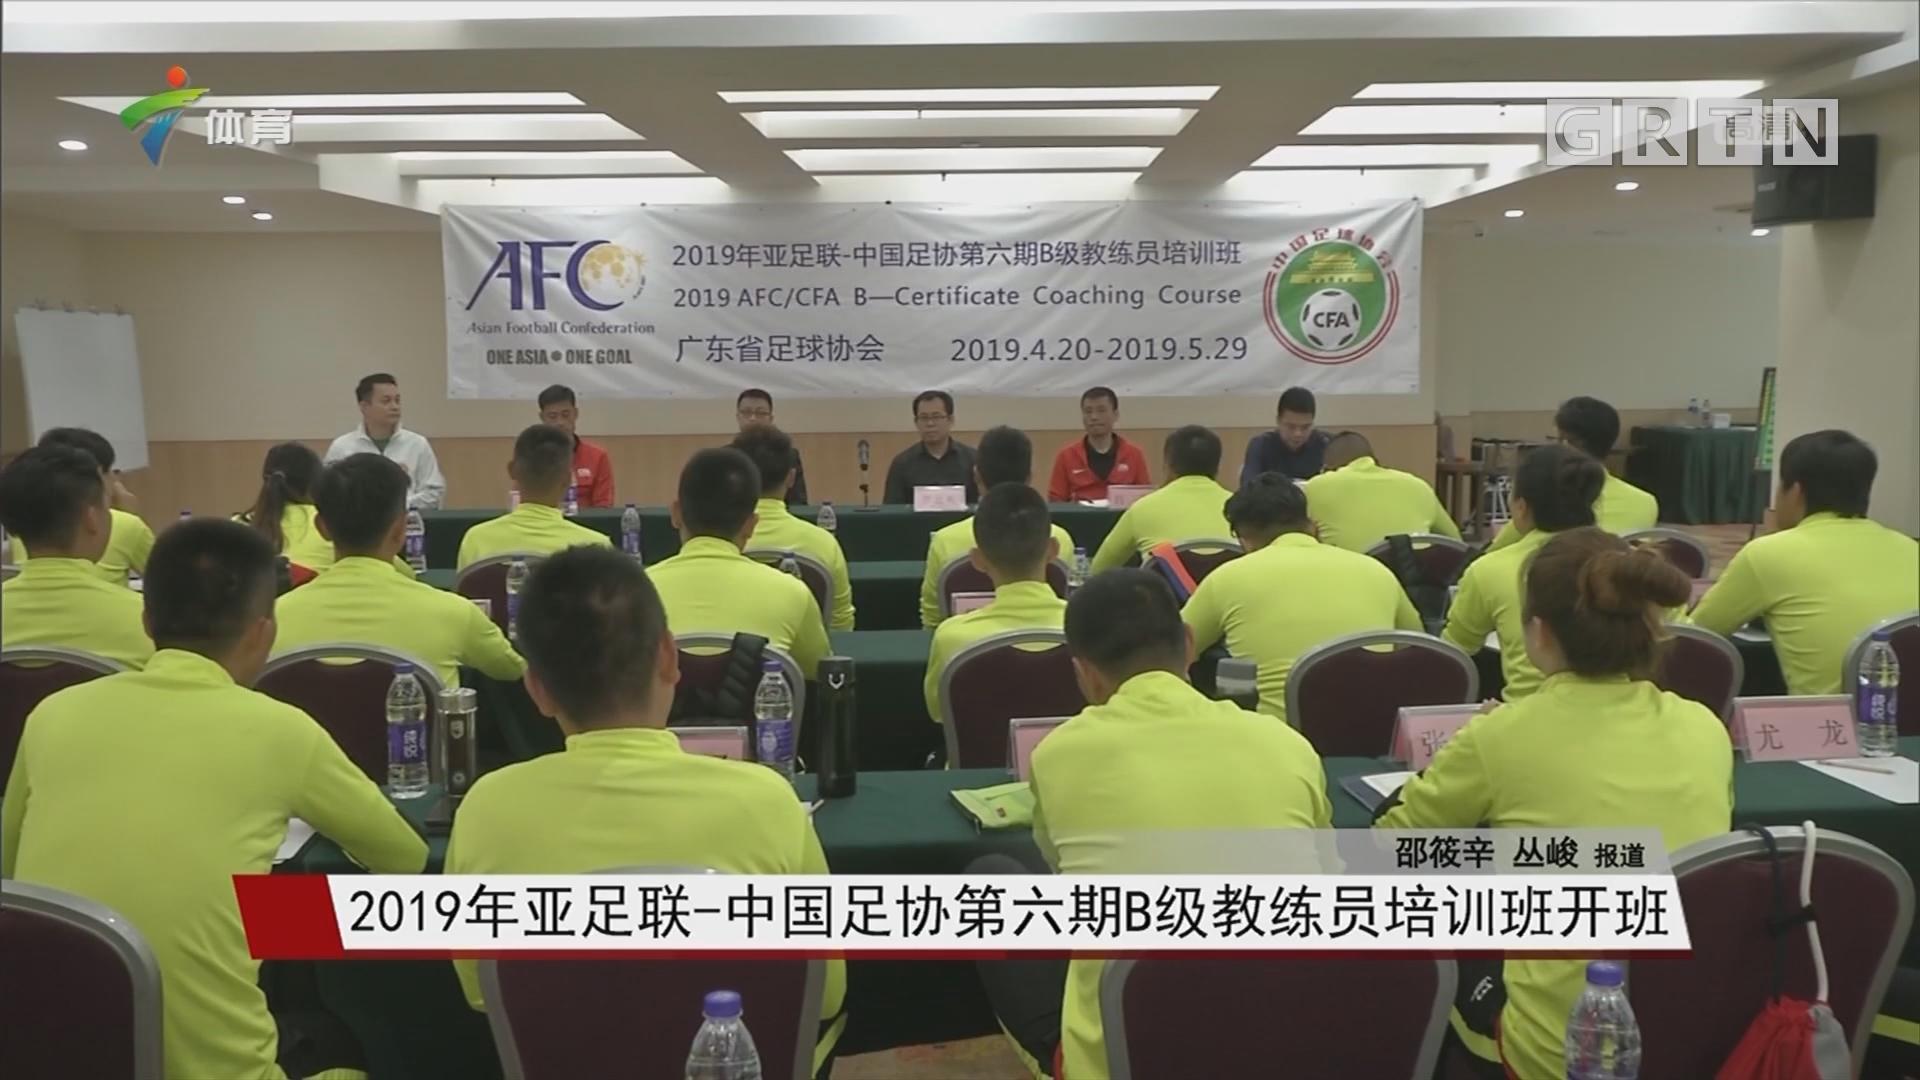 2019年亚足联-中国足协第六期B级教练员培训